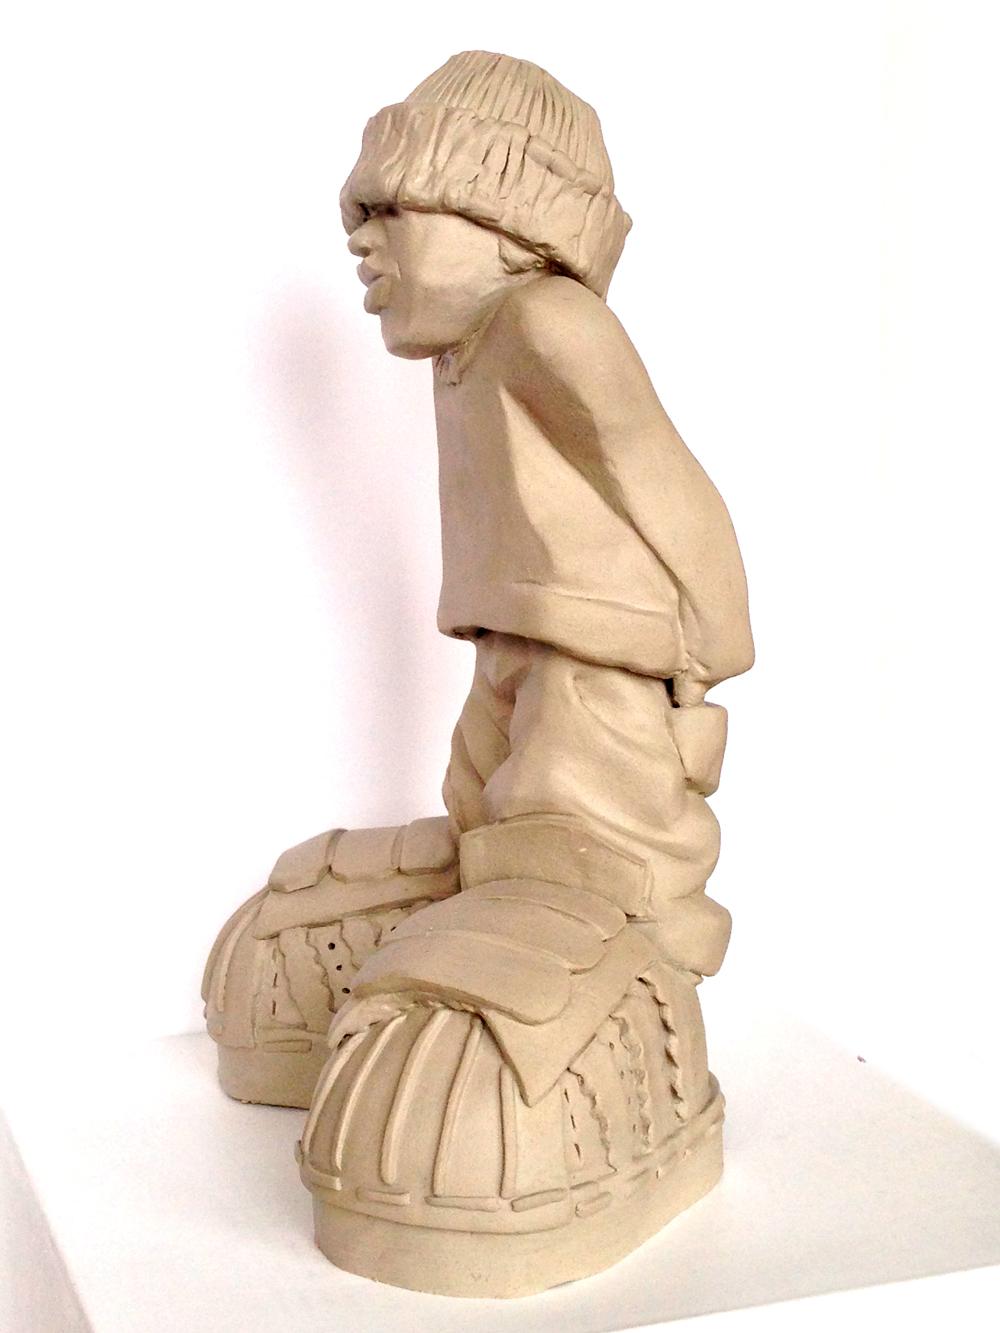 pompitup_statue_maquette1